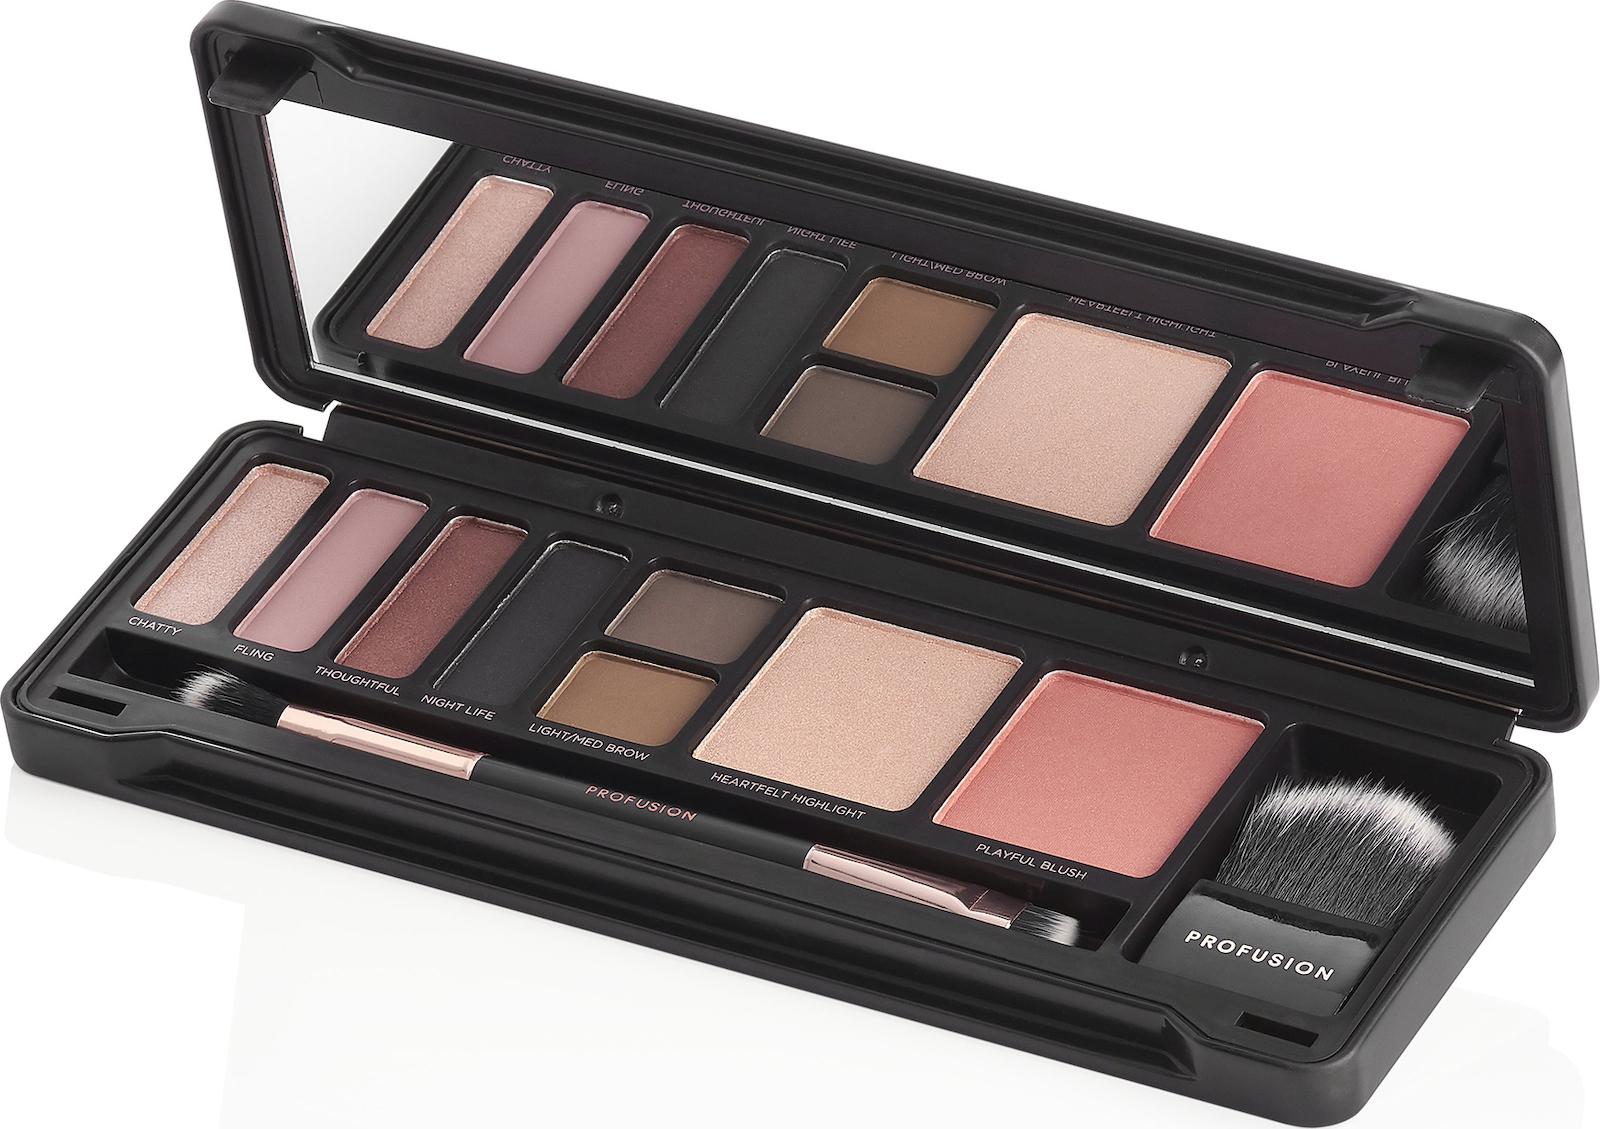 Profusion Cosmetics Eyeshadow Make Up Case Chestnut Eyes